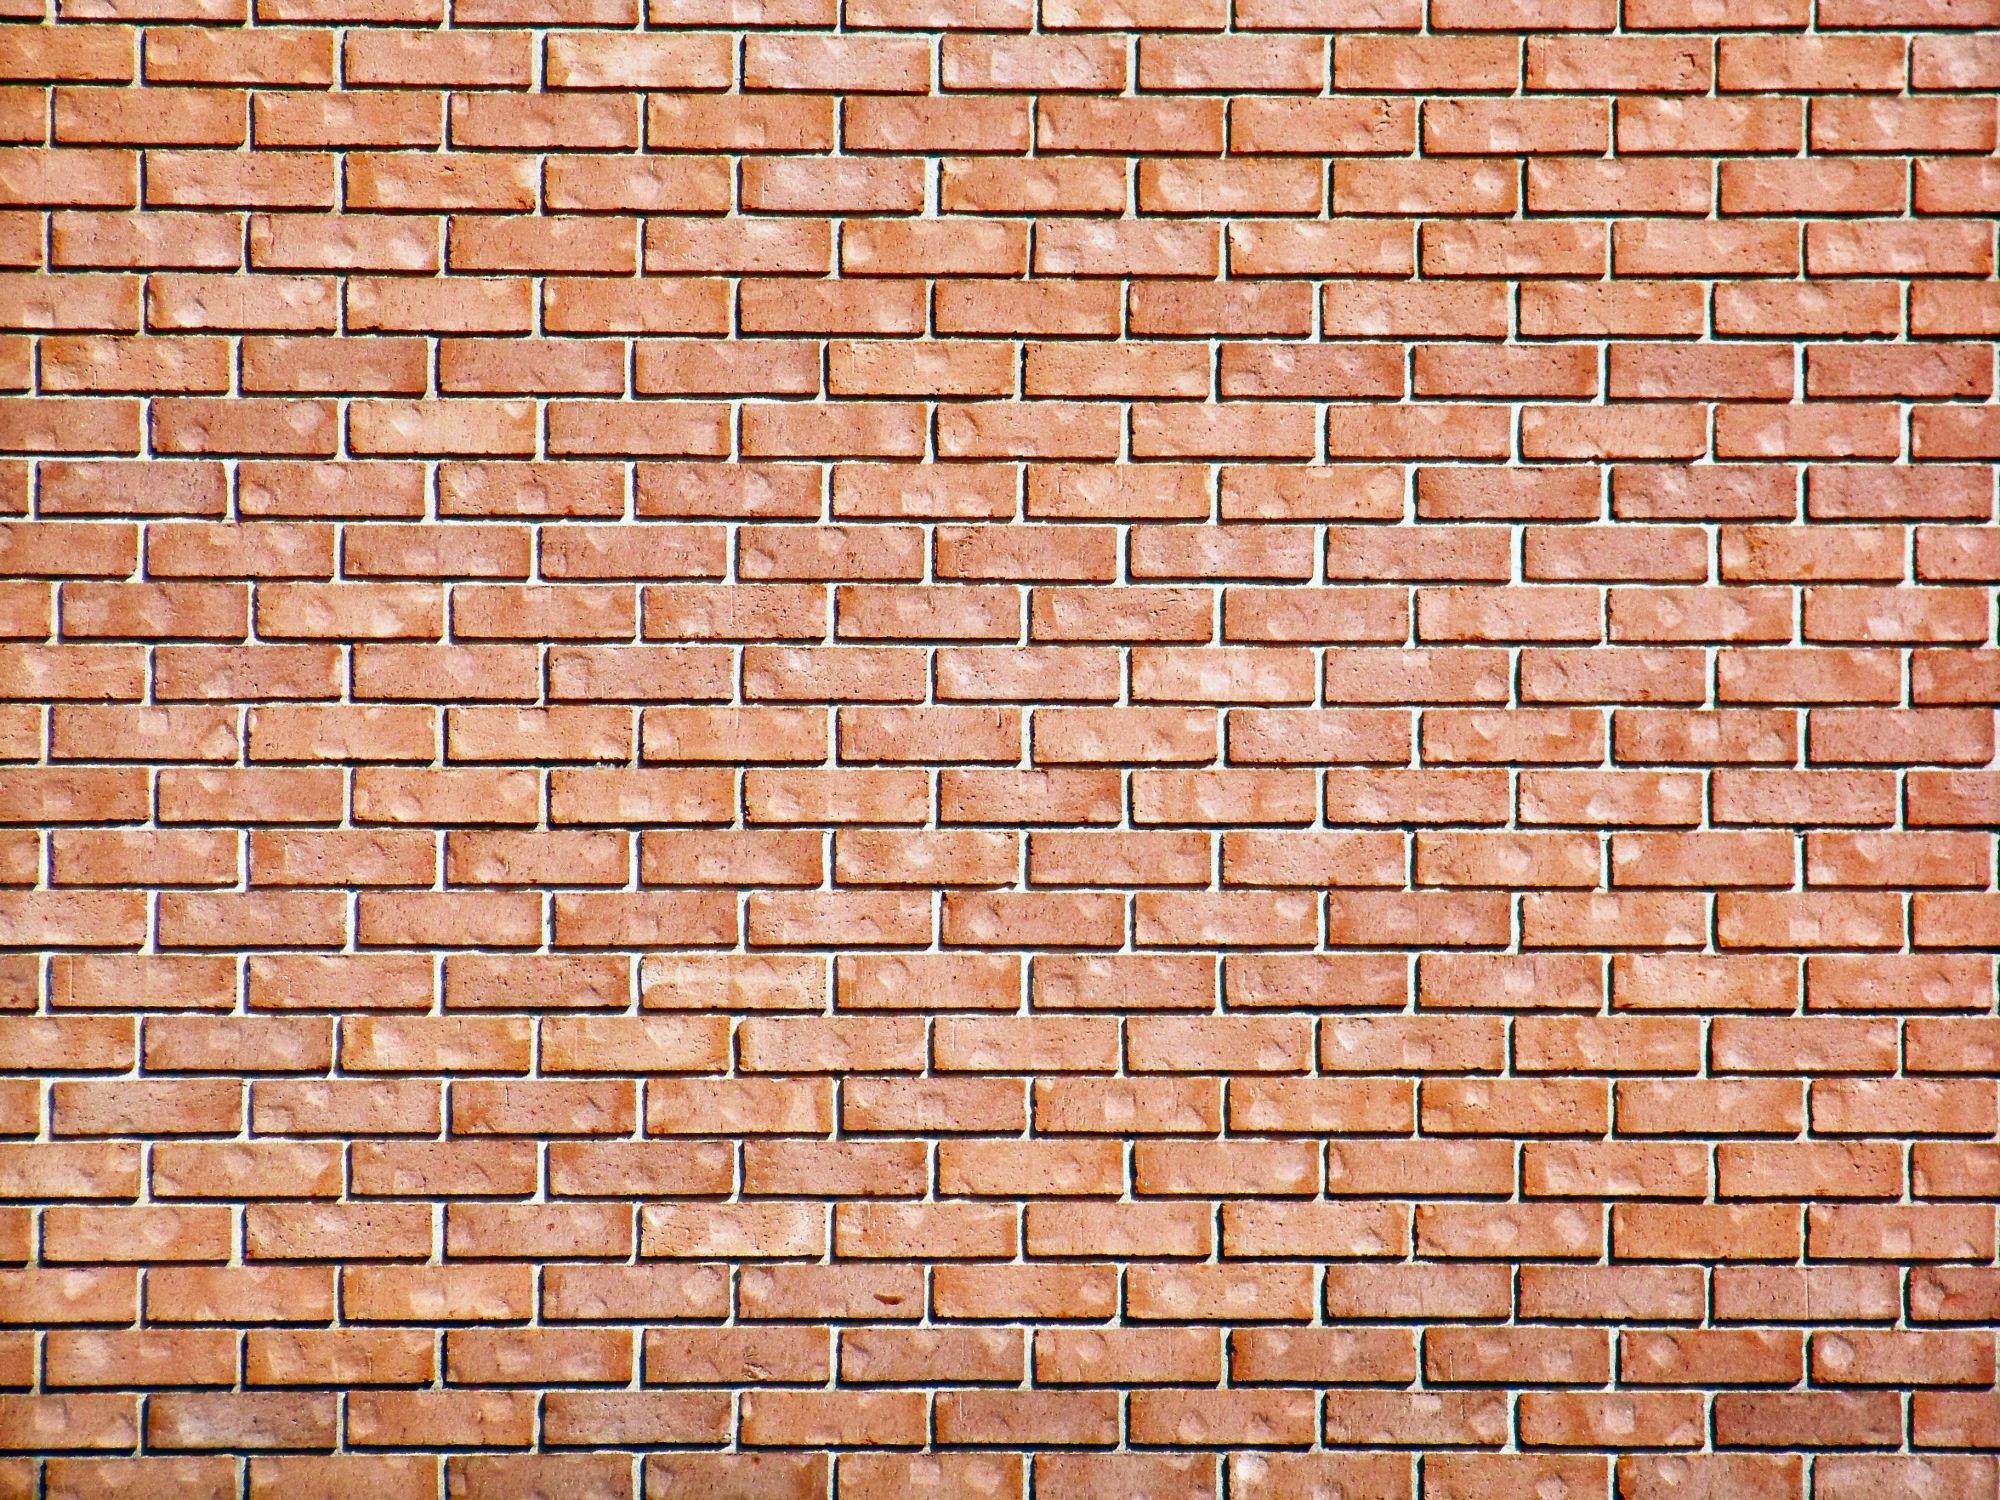 Wall wallpaper clipart clip Hd brick wall clipart - Clip Art Library clip